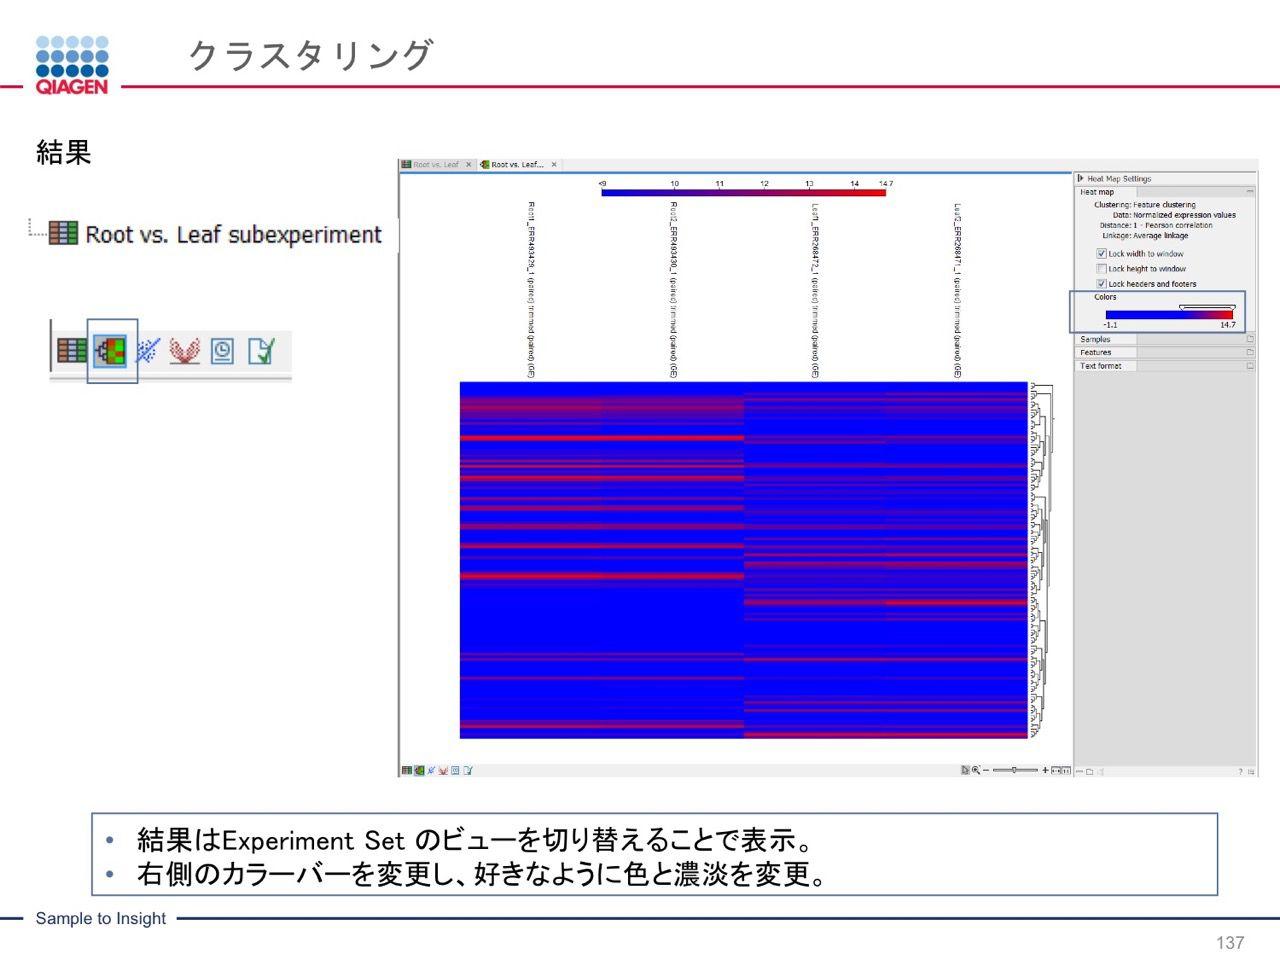 images/AJACSa2_miyamoto_137.jpg